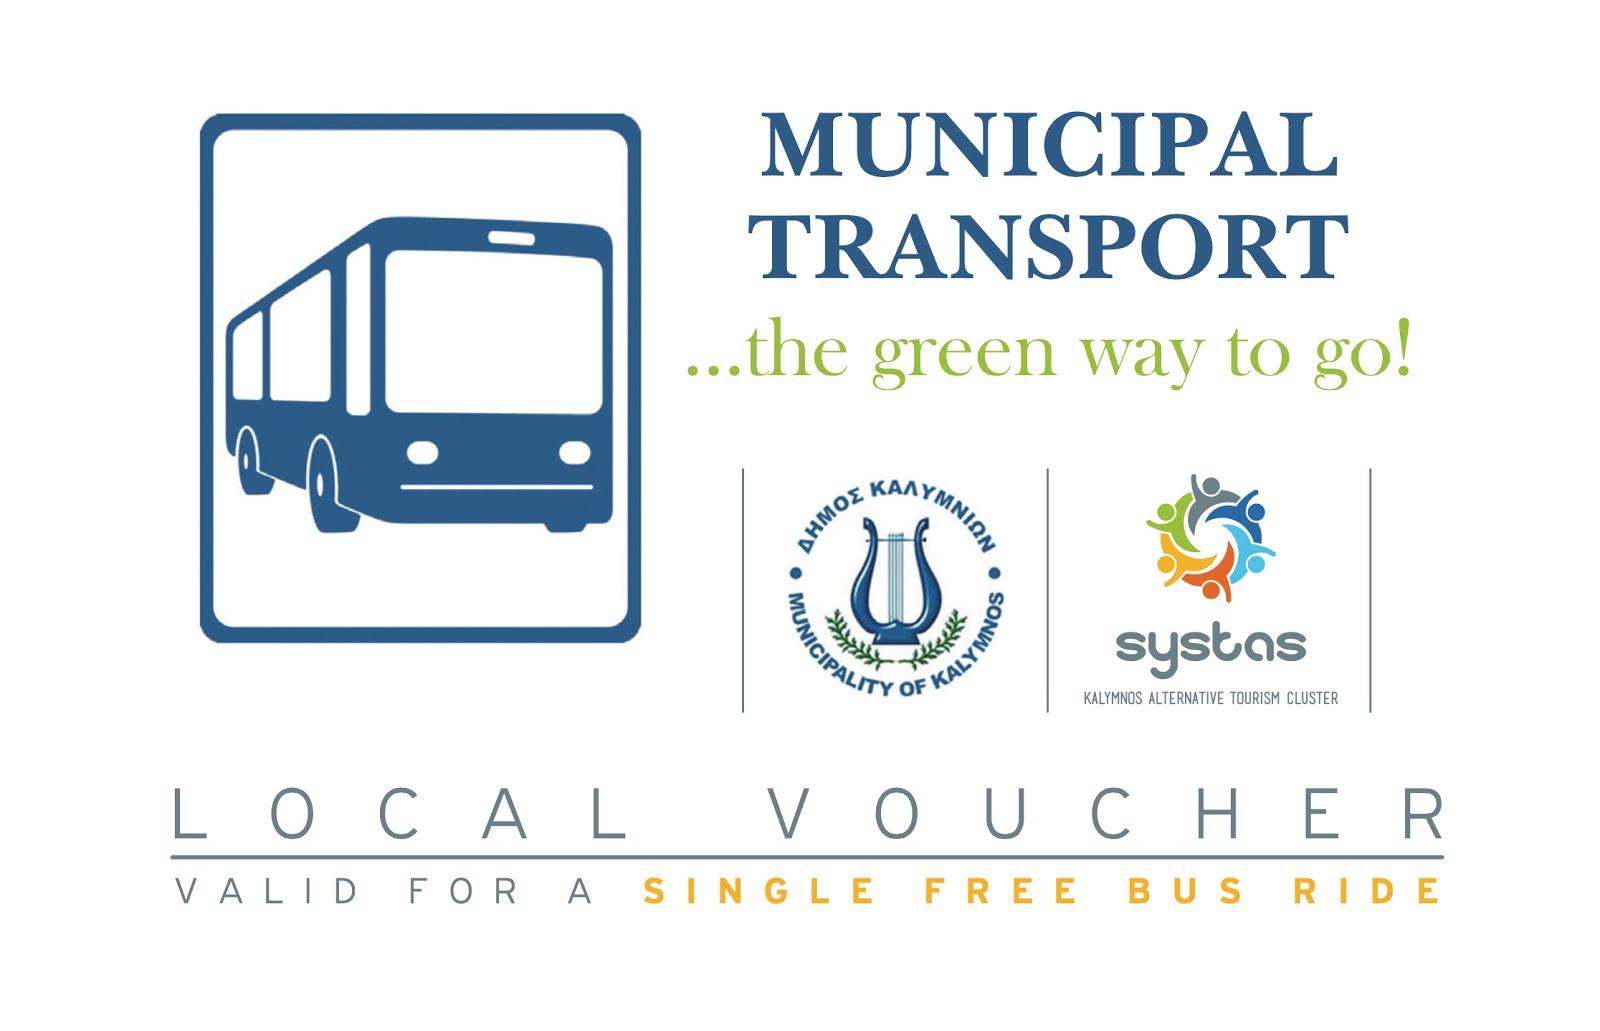 Free Bus Ride Voucher